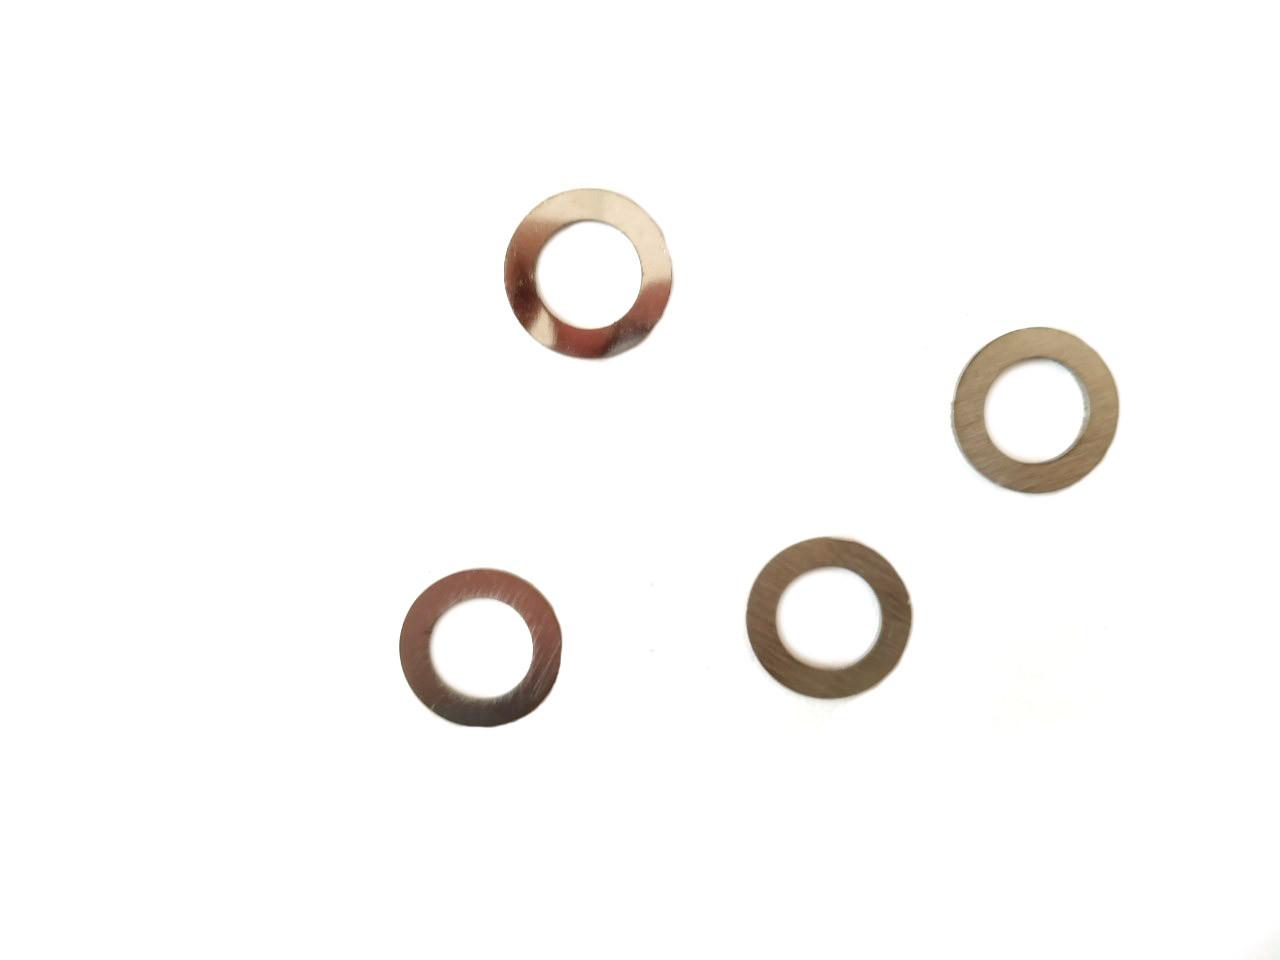 Шайбы тюнинга вариатора переднего Honda DIO AF-18, TACT AF16 4шт 0.8/1.0/1.2/1.5mm VLAND